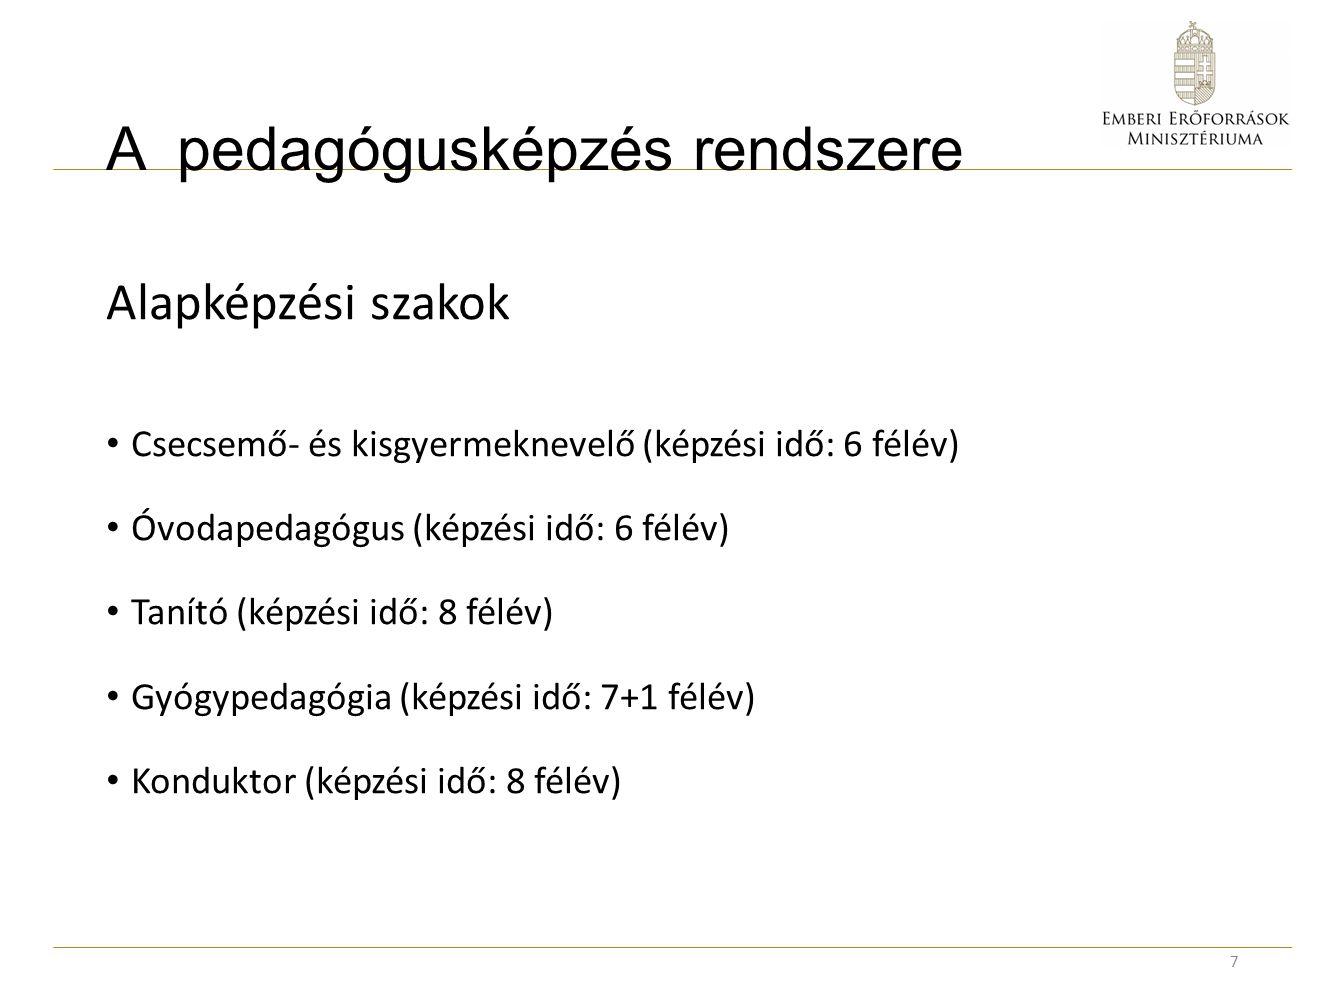 Alapképzési szakok Csecsemő- és kisgyermeknevelő (képzési idő: 6 félév) Óvodapedagógus (képzési idő: 6 félév) Tanító (képzési idő: 8 félév) Gyógypedagógia (képzési idő: 7+1 félév) Konduktor (képzési idő: 8 félév) 7